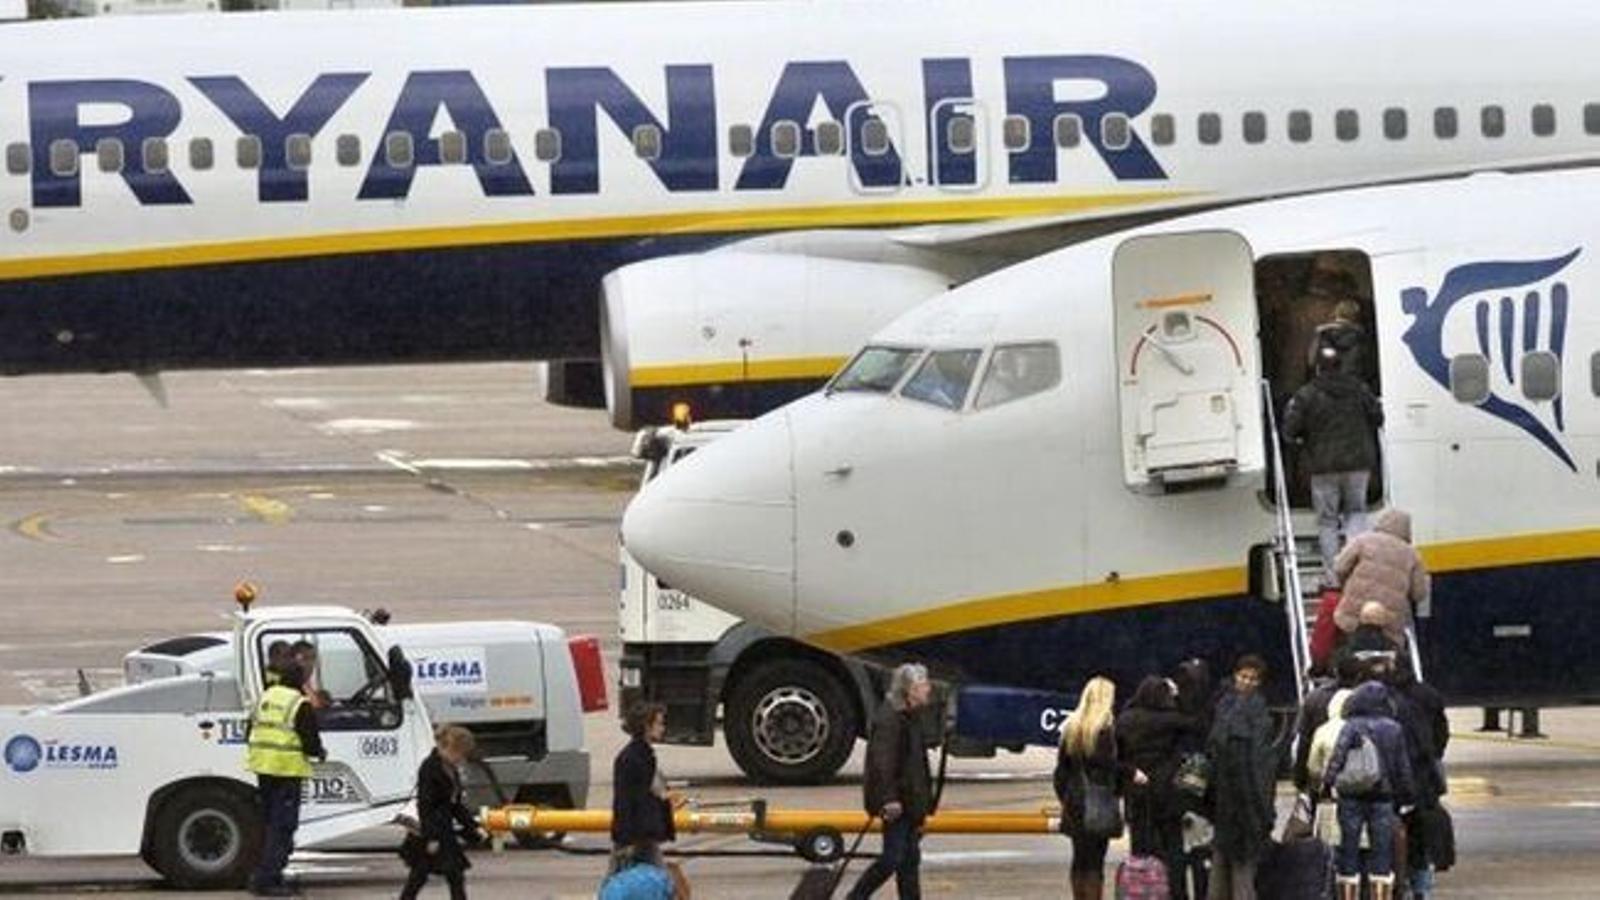 Passatgers entrant a un avió a l'aeroport de Palma.